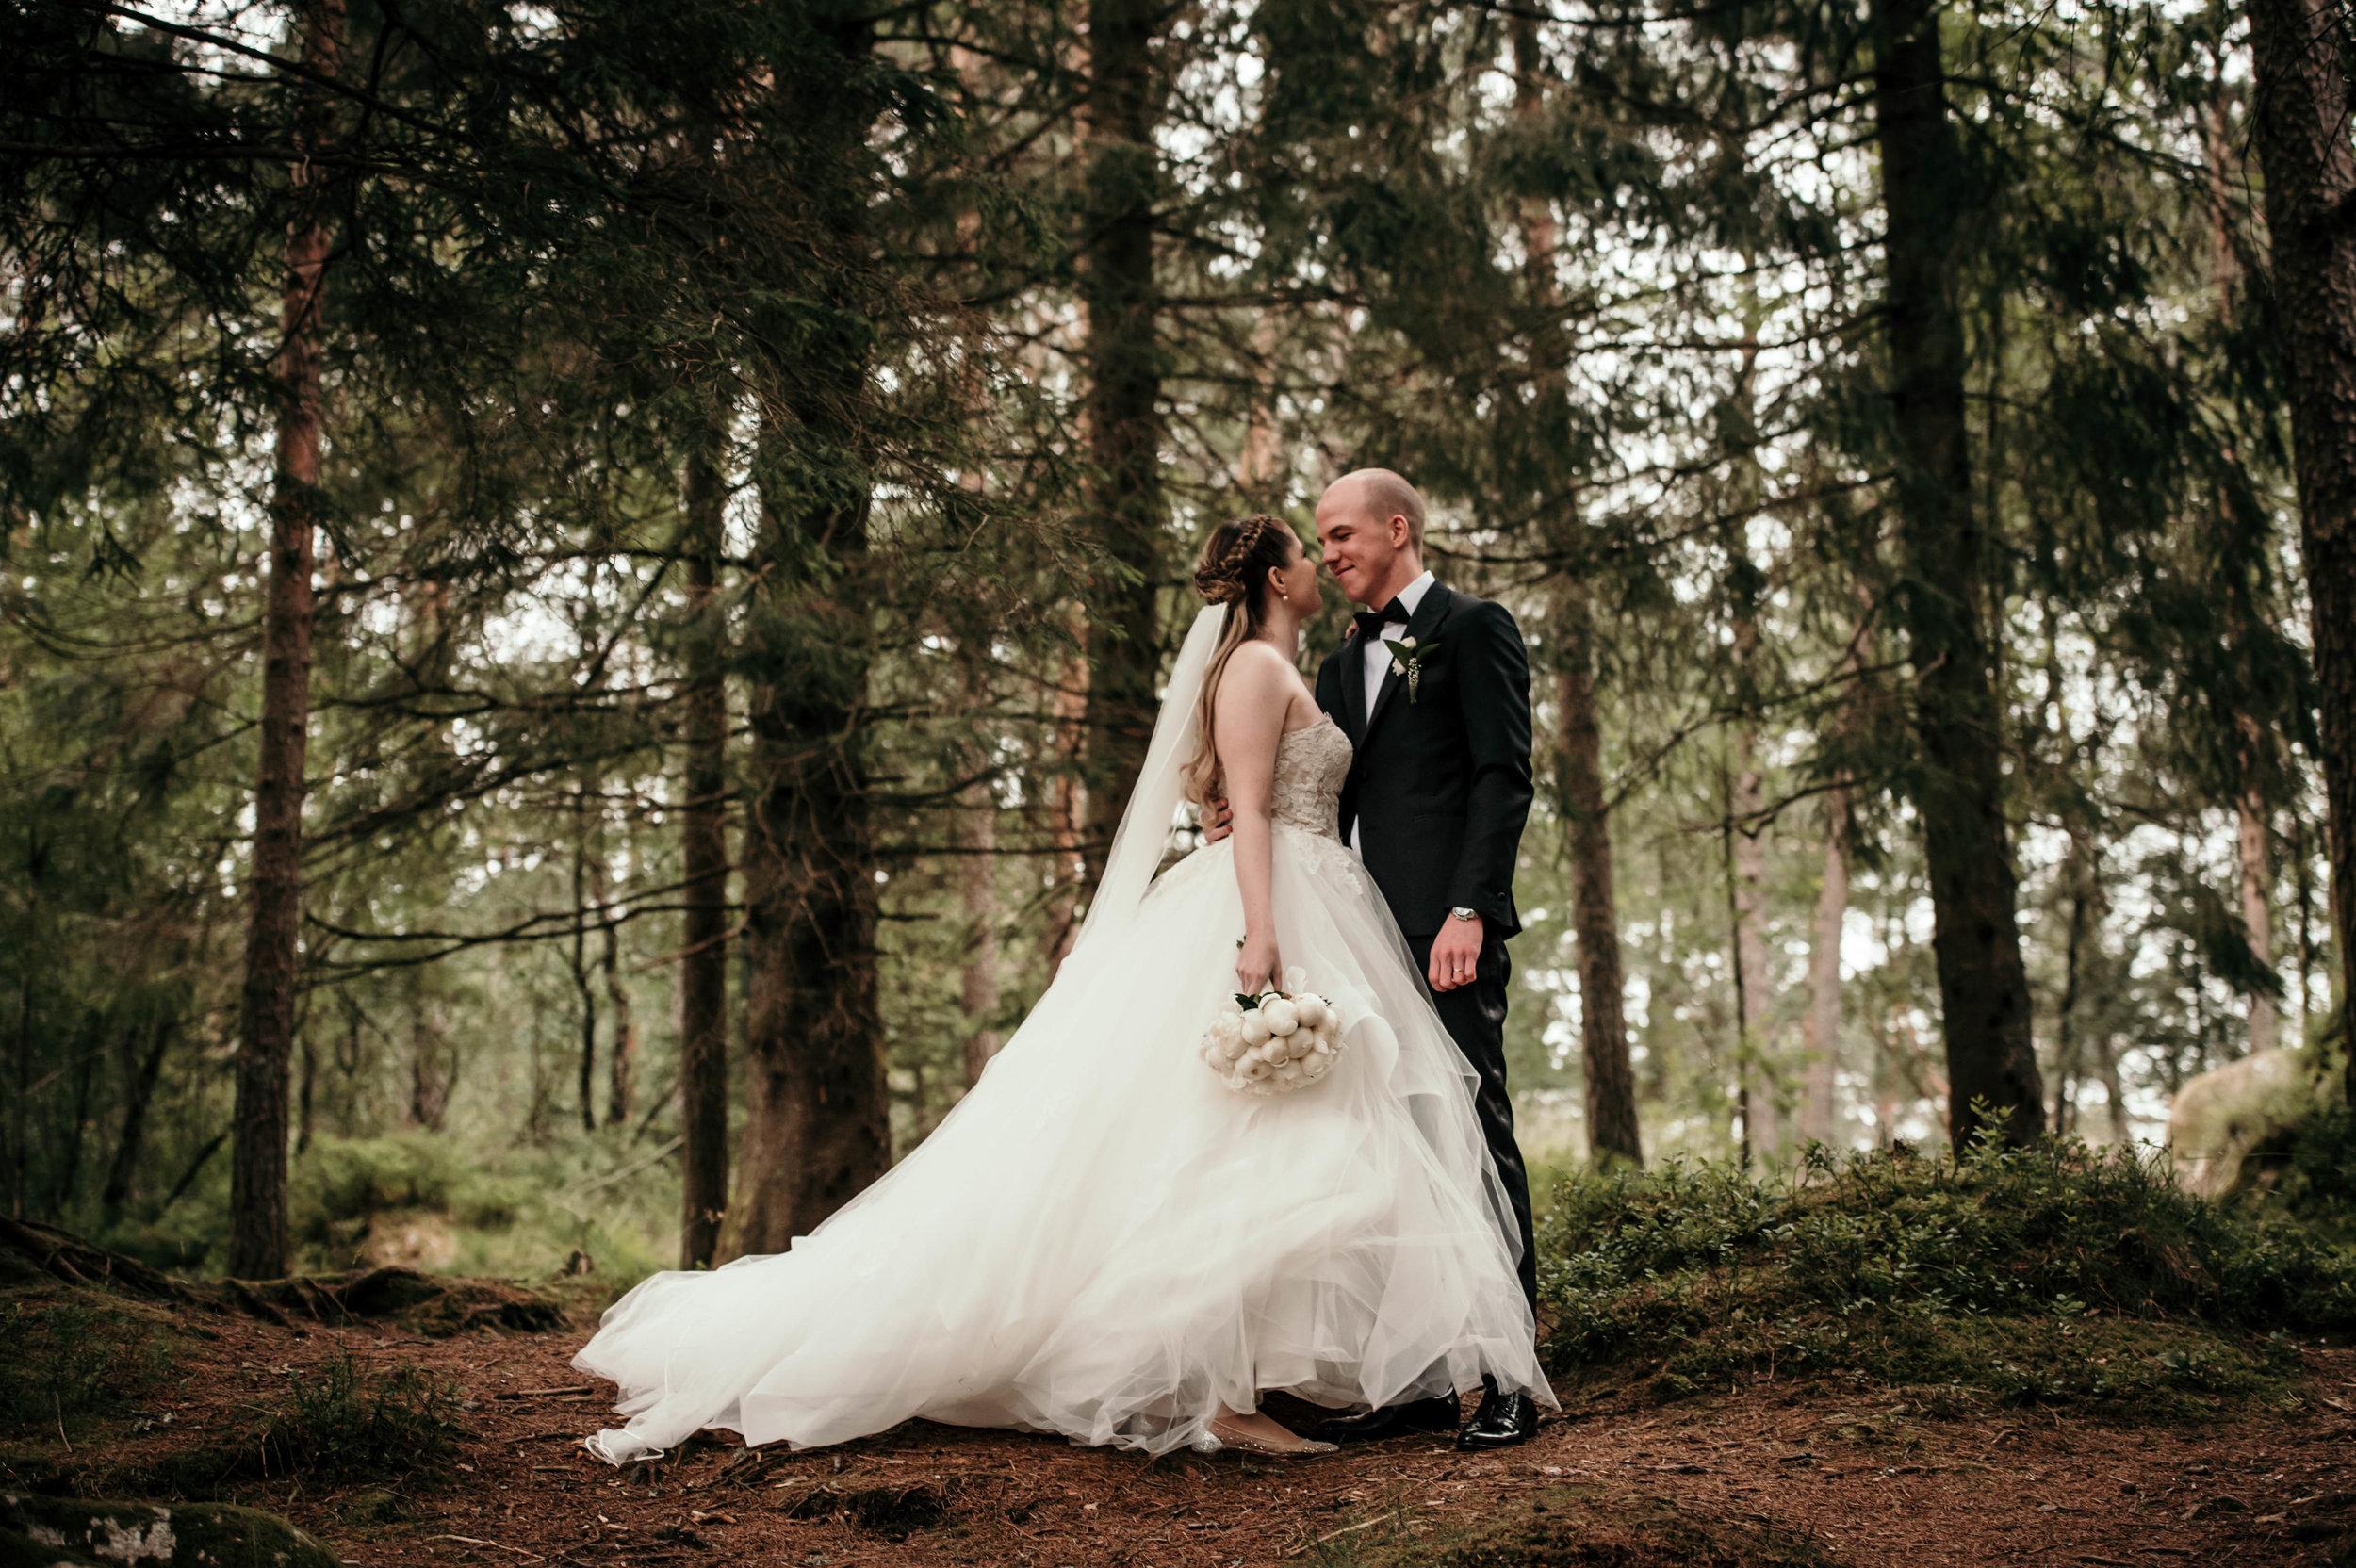 bryllupsfotografbergen.jpg